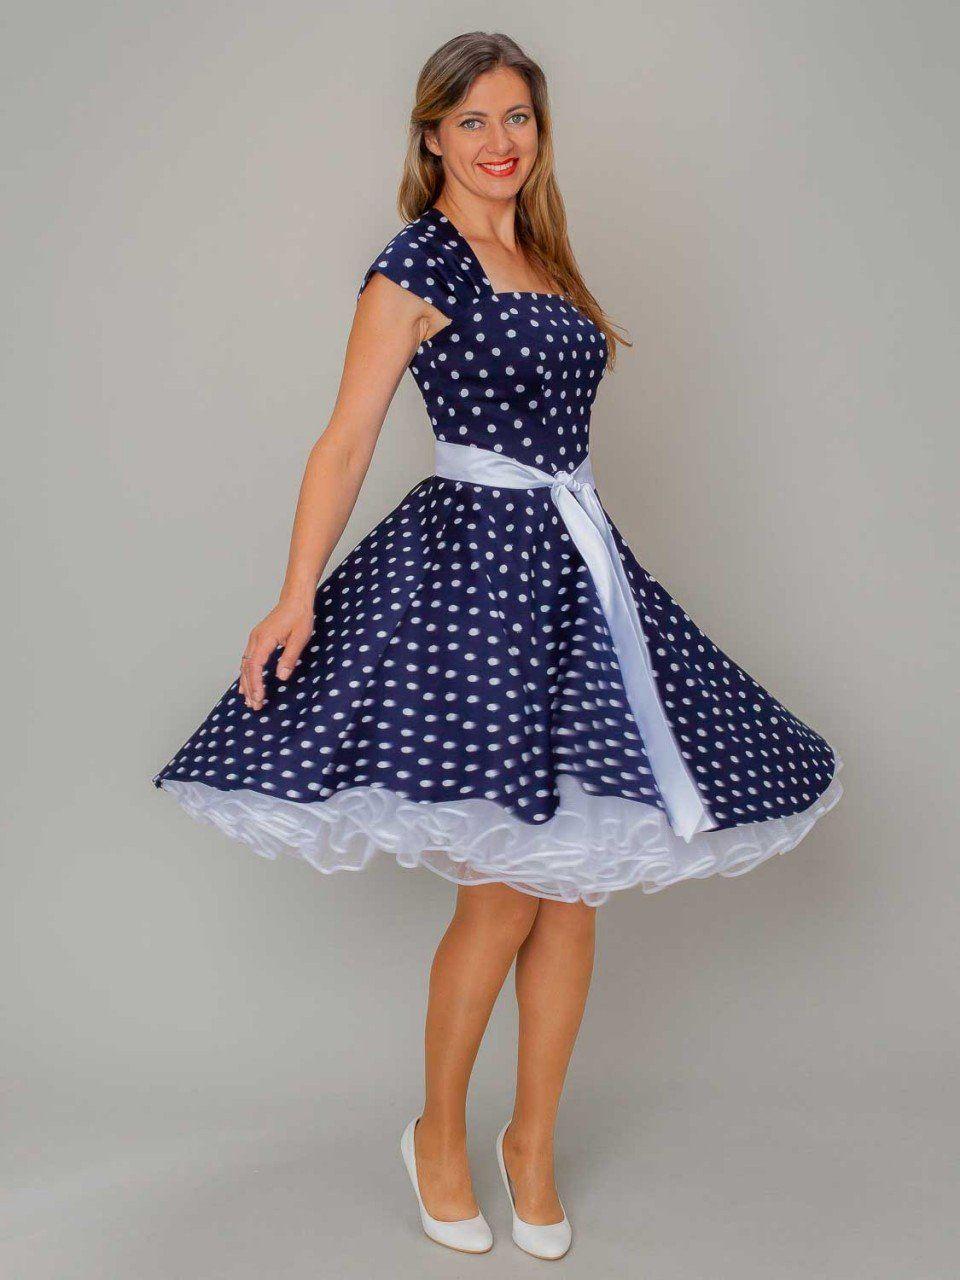 Rockabilly Petticoat Kleid Punkte dunkel-blau weiss SETRINO